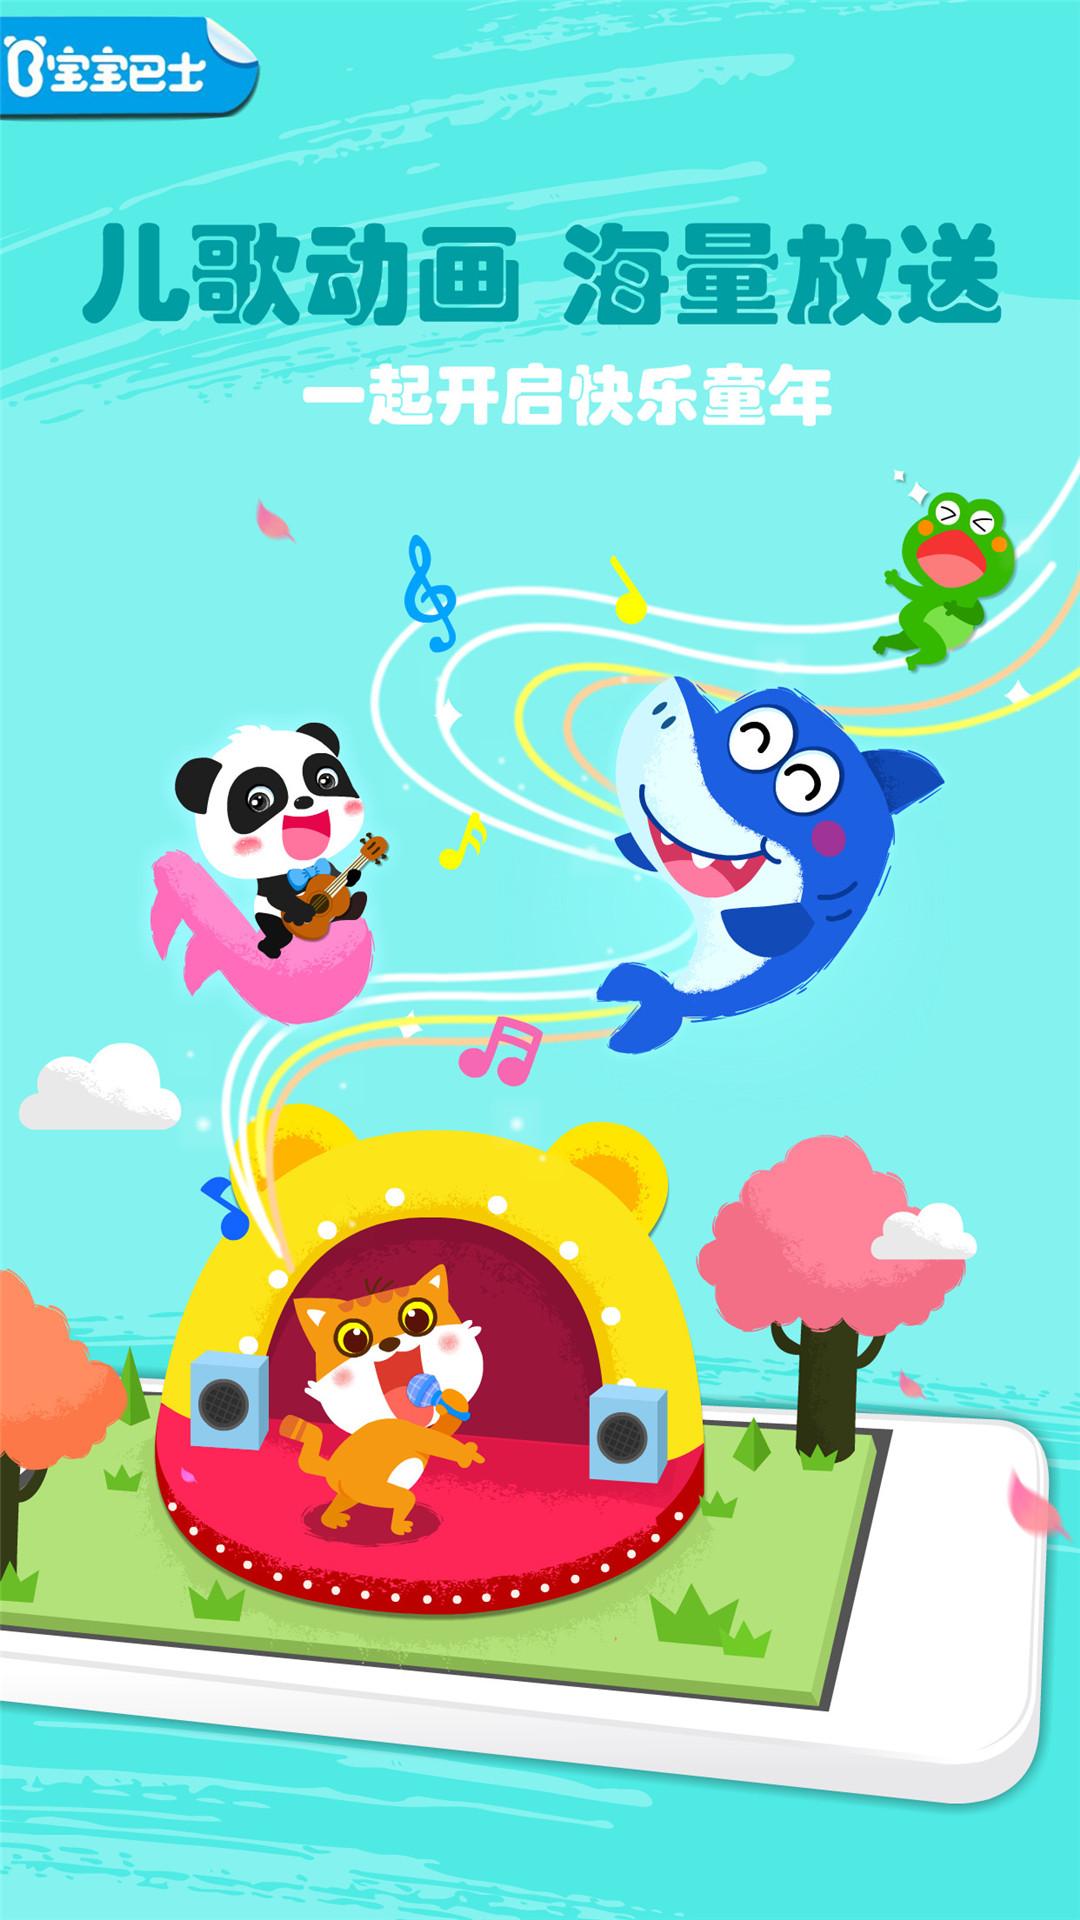 宝宝巴士动画: 最新恐龙儿歌童谣 | 动物卡通动画 -360视频